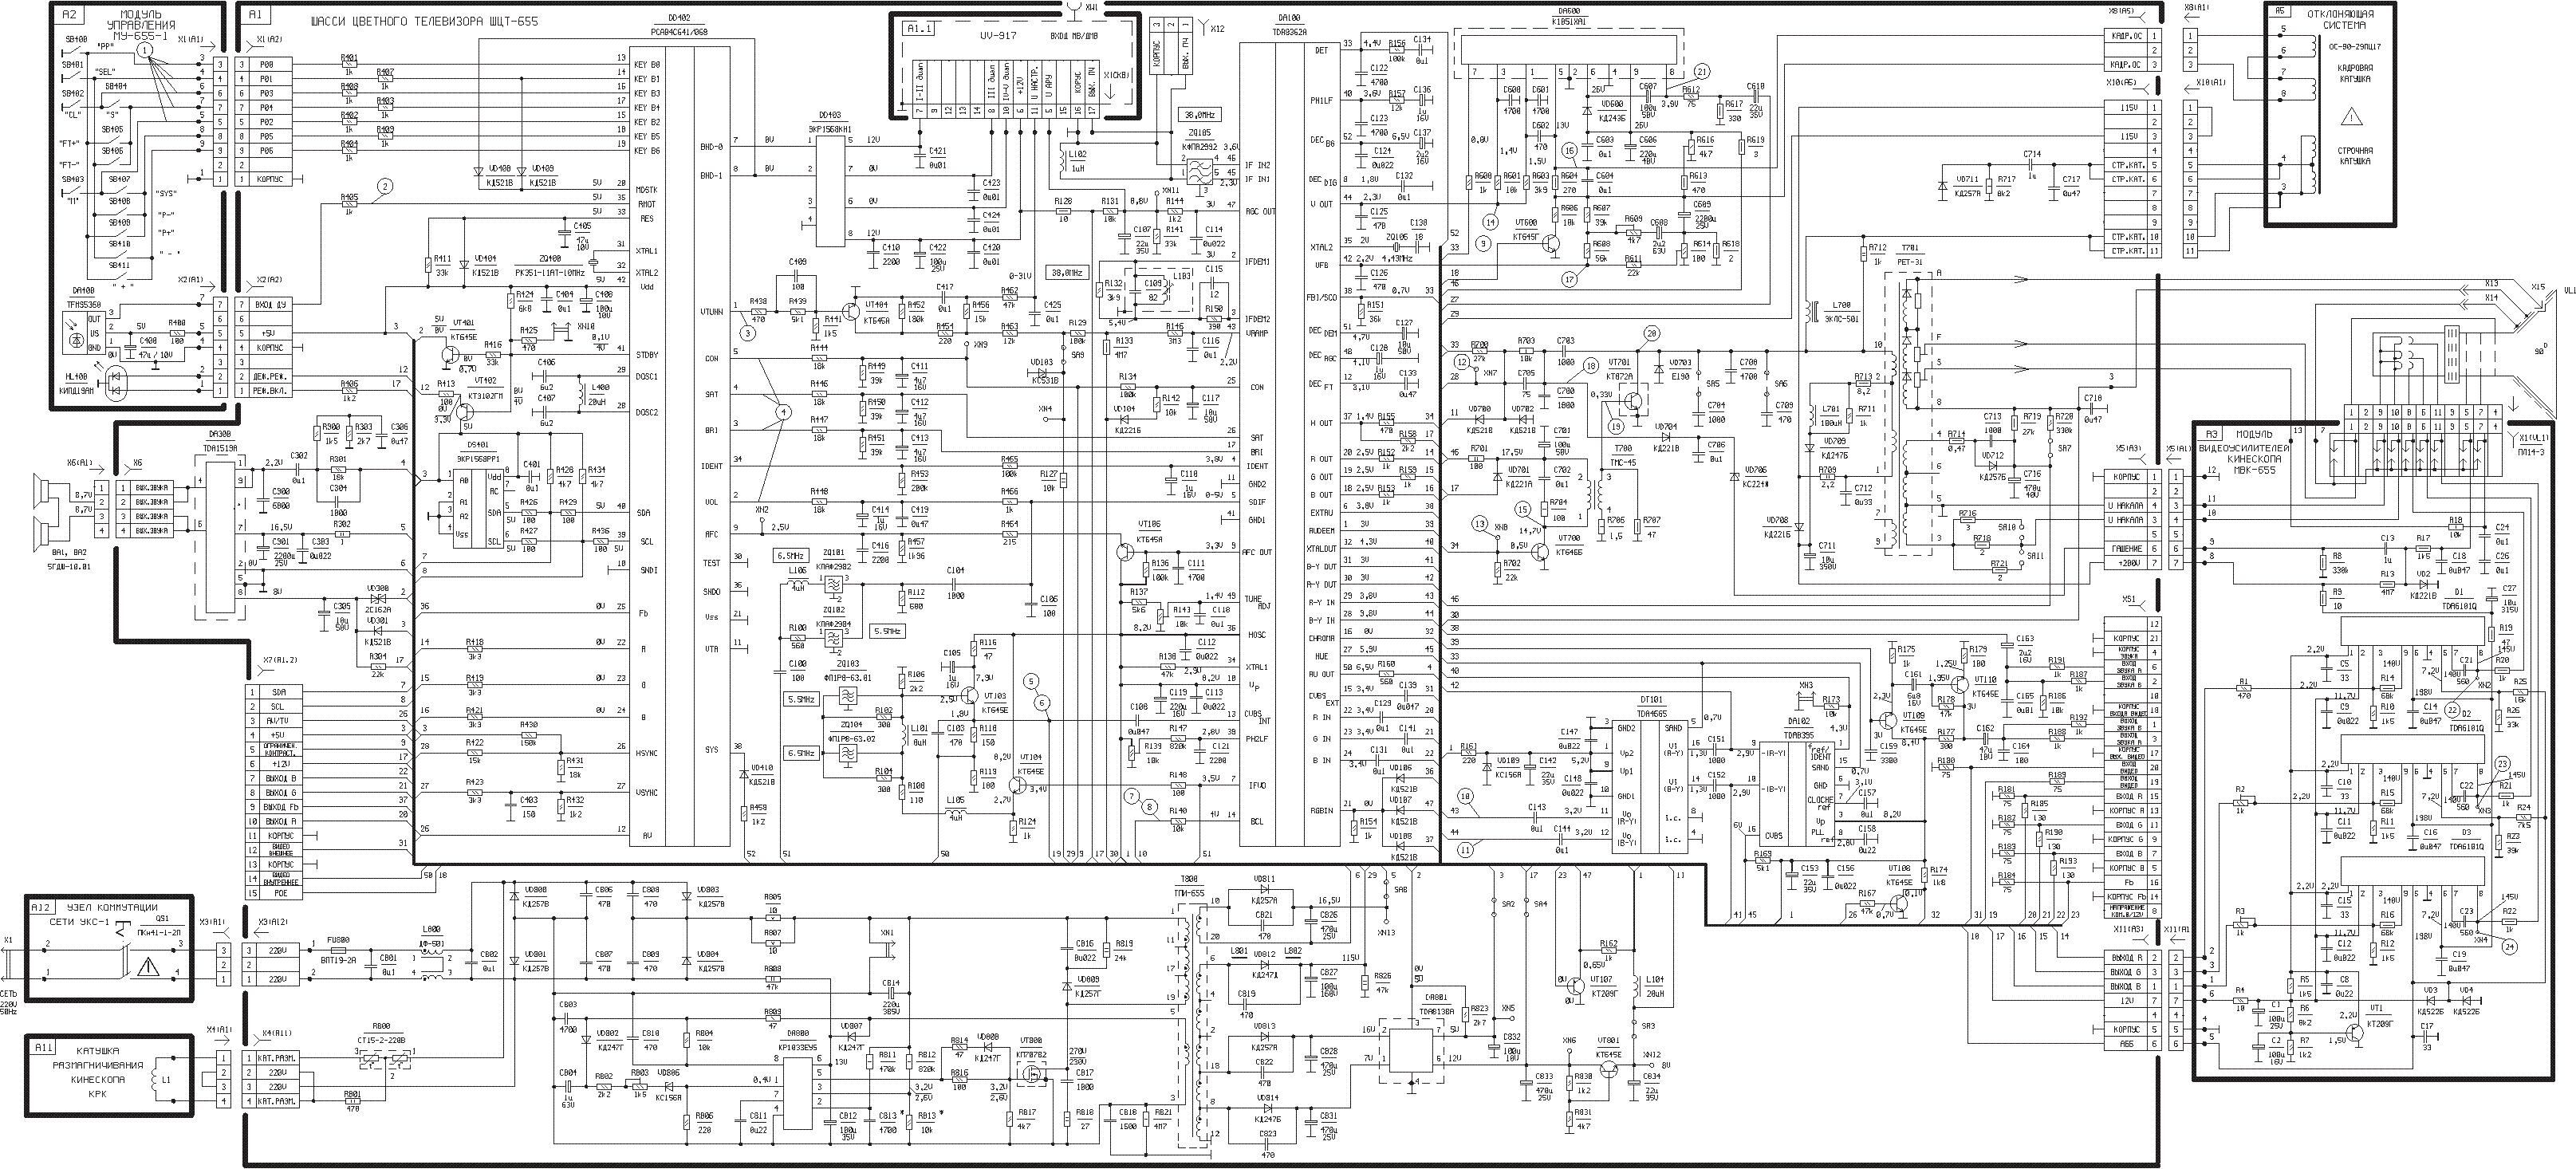 Инструкция По Доработке Блока Питания Монитора Ctx